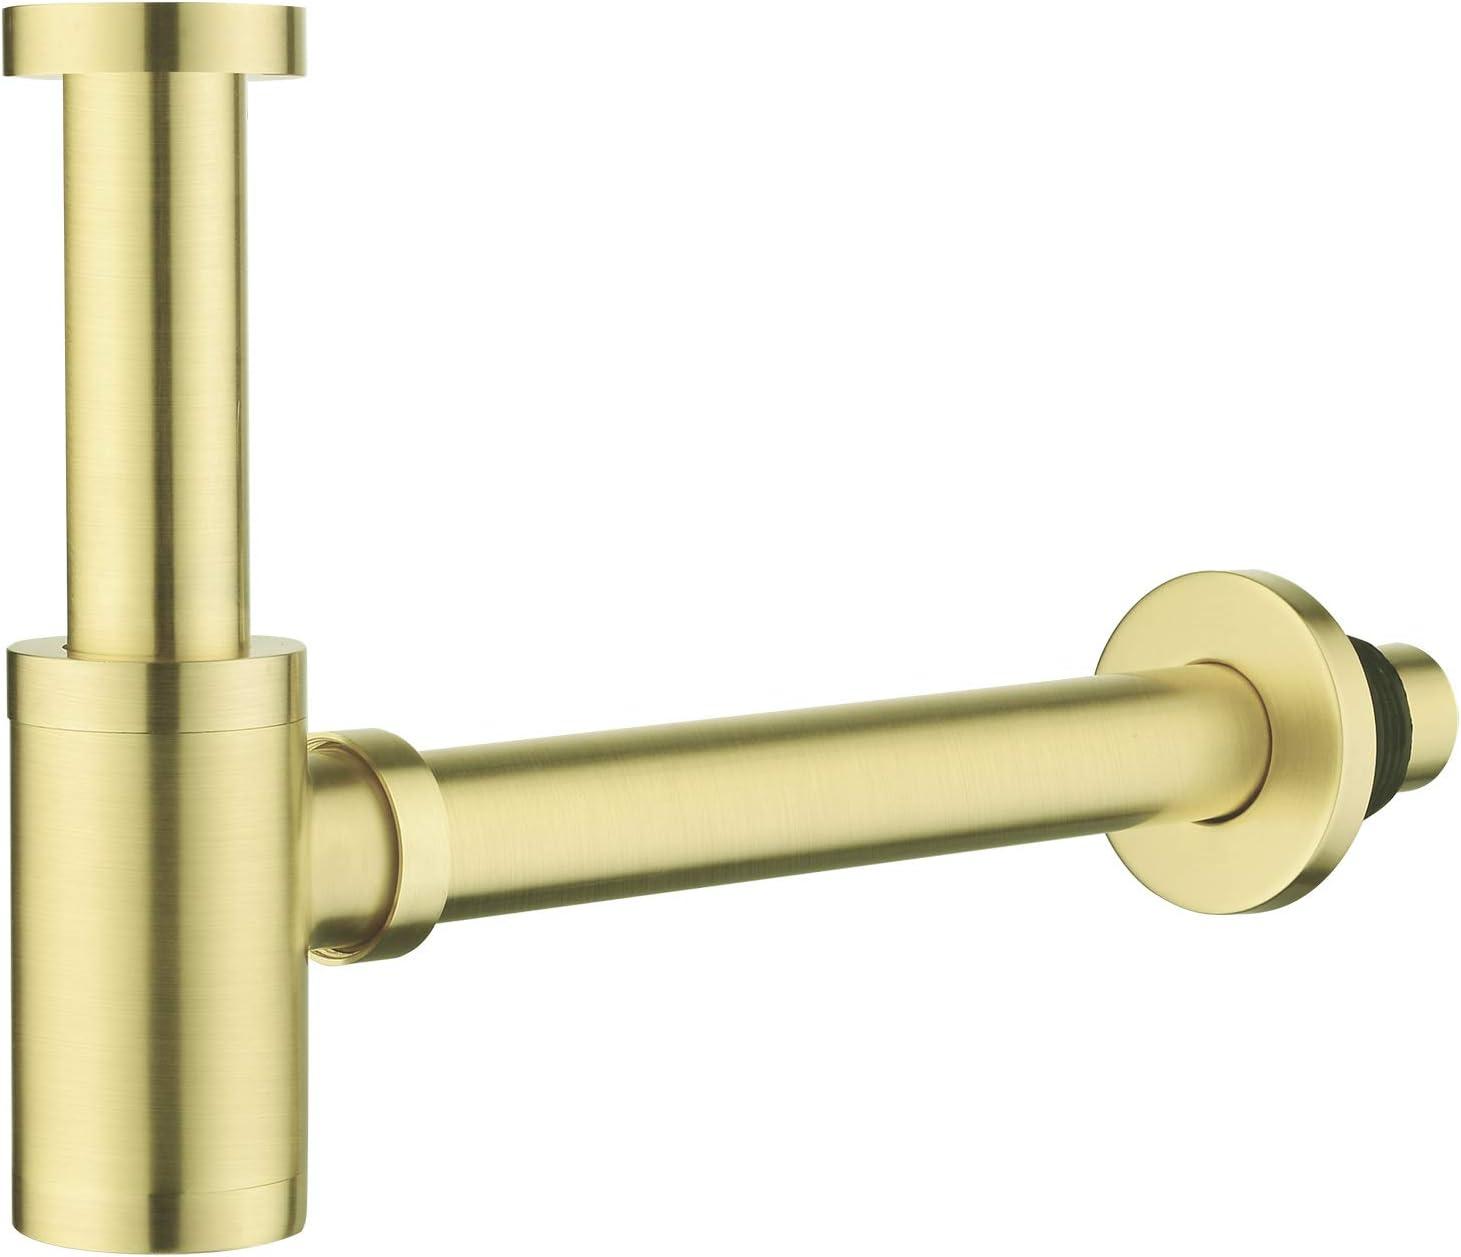 Bördelrohr Tauchrohr Flaschensiphon Waschtisch Sifon Siphon vergoldet gold 300mm